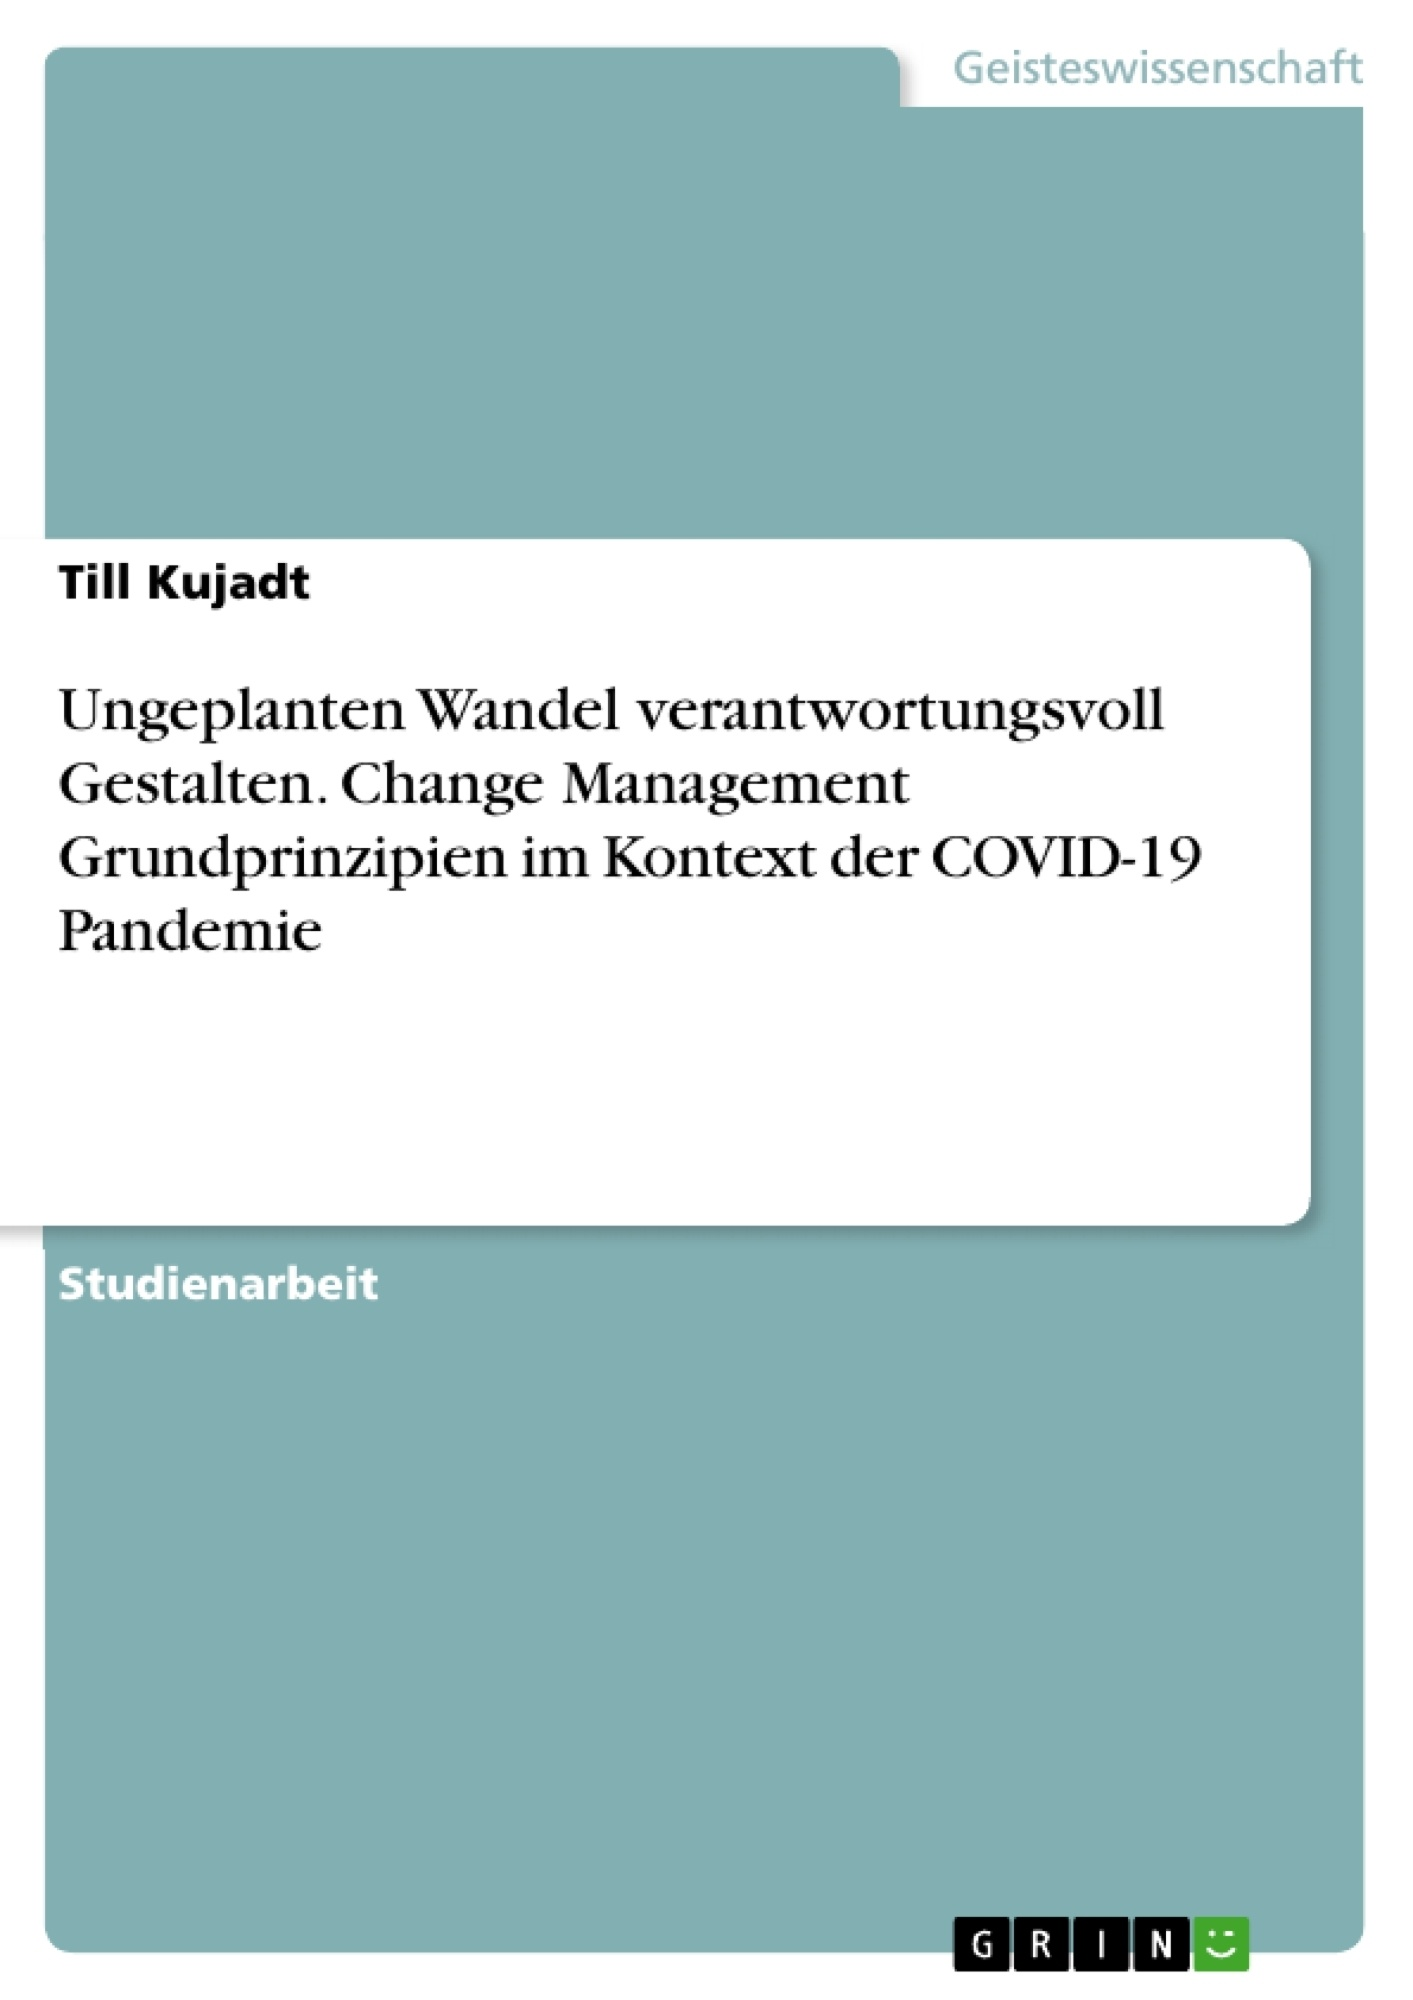 Titel: Ungeplanten Wandel verantwortungsvoll Gestalten.  Change Management Grundprinzipien im Kontext der COVID-19 Pandemie